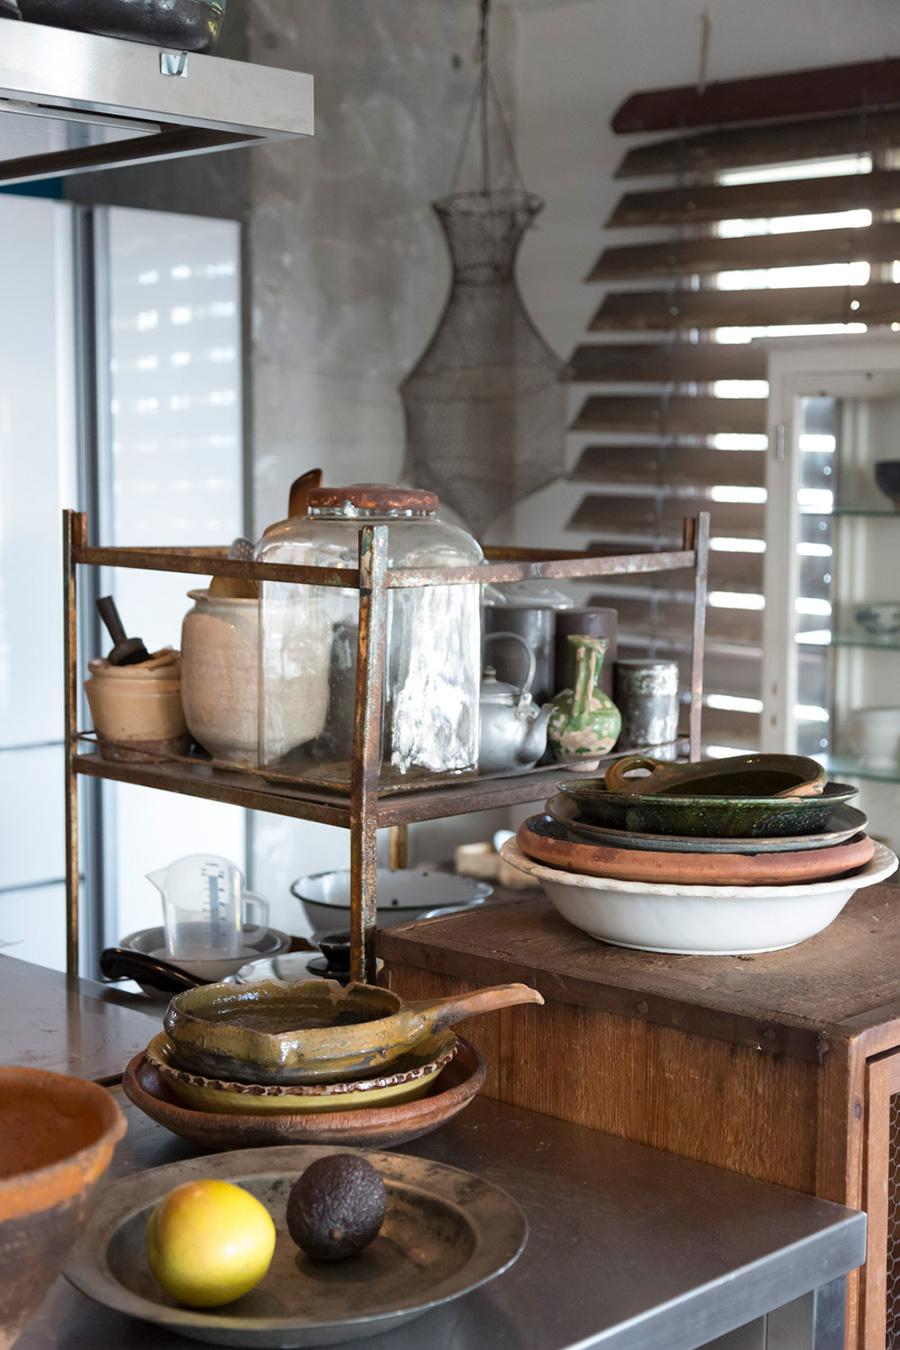 日本の茶筒や食器棚、ヨーロッパの器……、多治見さんのセンスで集められた東西のものがしっくりと同居している。